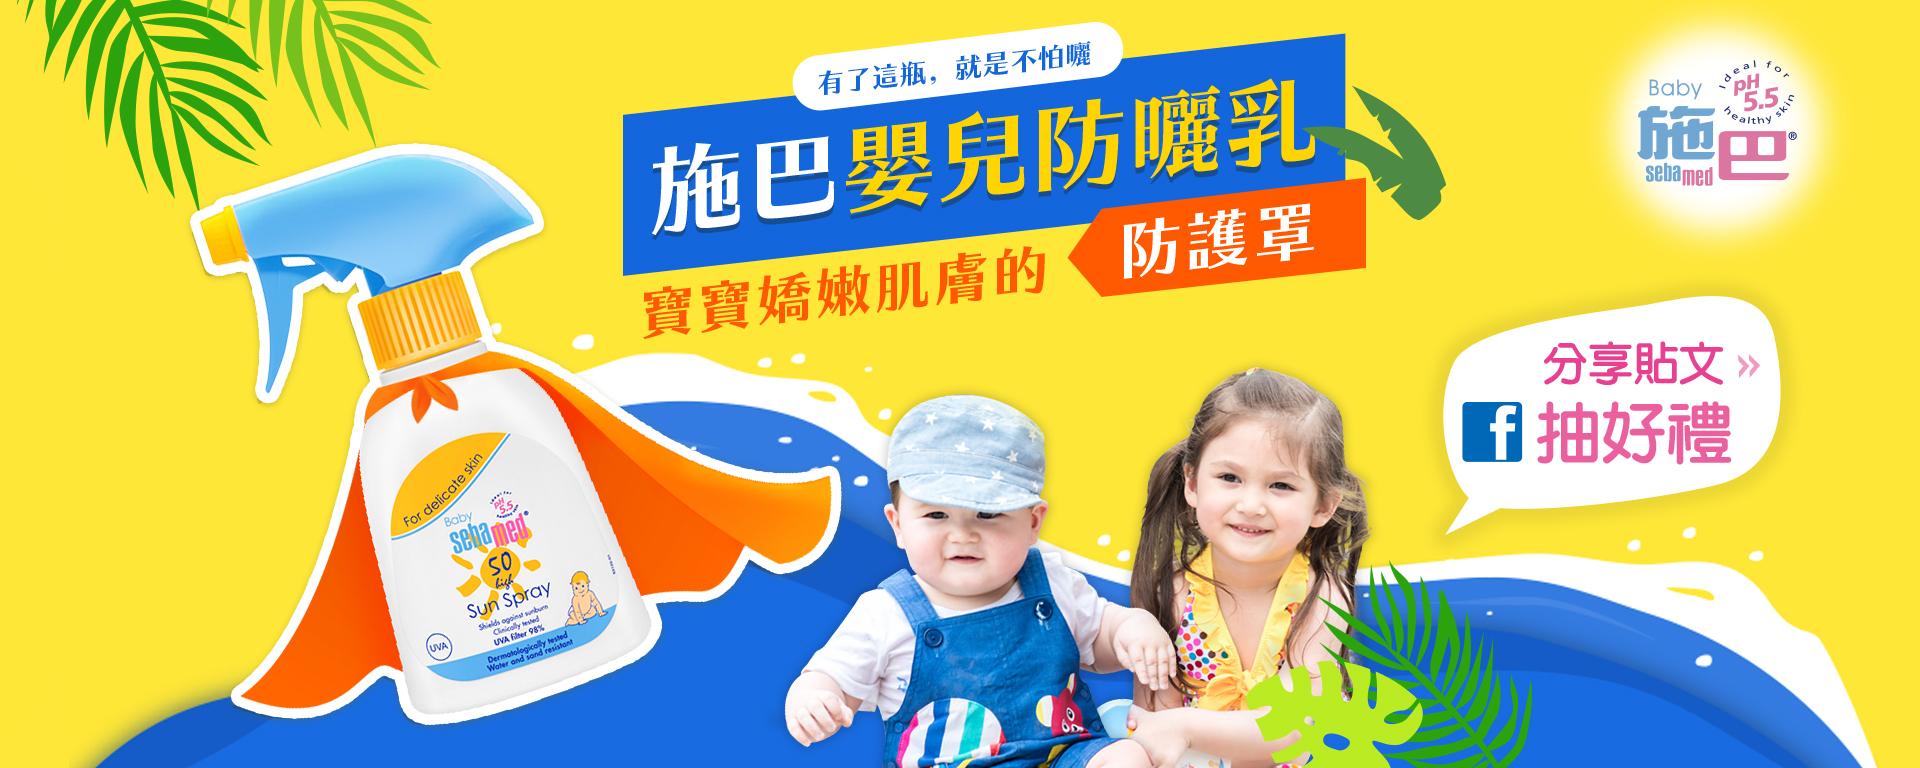 施巴嬰兒防曬乳